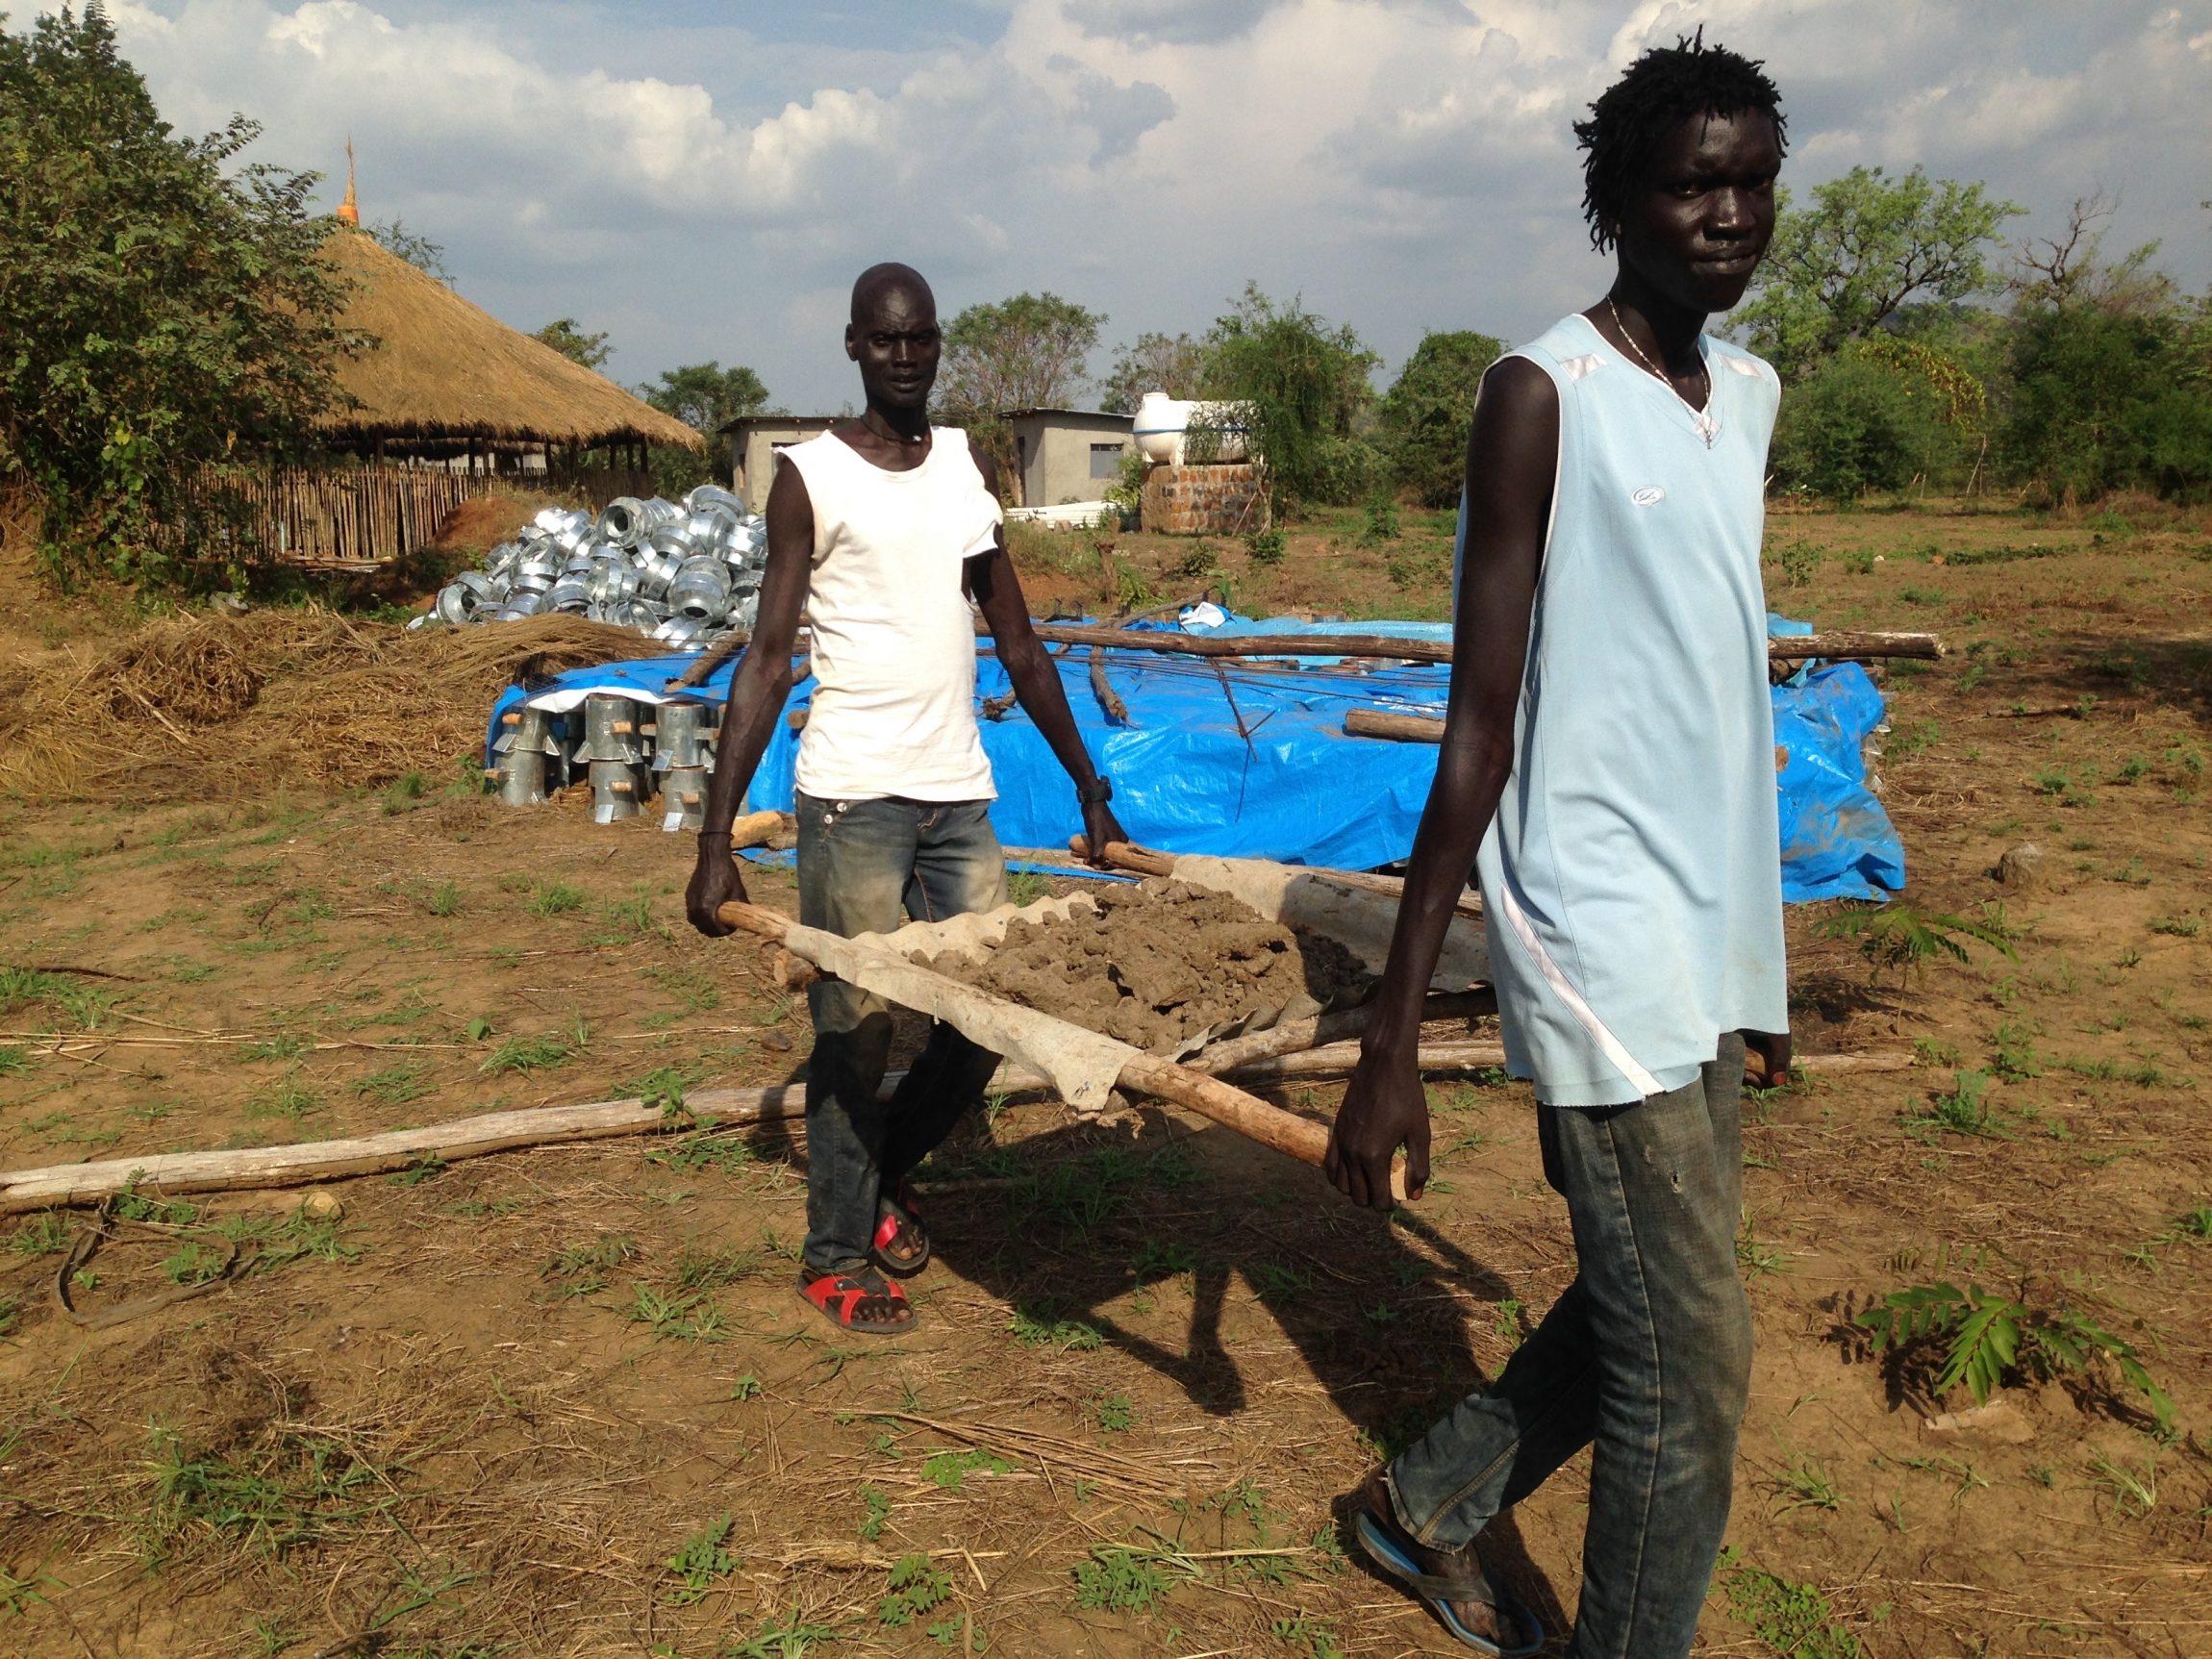 'Welkom in Gambella, Siebrand!' Aan het woord is Remko Veenstra, coördinator van een aantal grote hulpprojecten voor vluchtelingen in Gambella, in het zuidwesten van Ethiopië. Ik bezoek hem een aantal dagen. 'Fijn je te zien! Het zal alleen wel wat behelpen worden: we hebben al drie weken geen internet en het water is ook al…